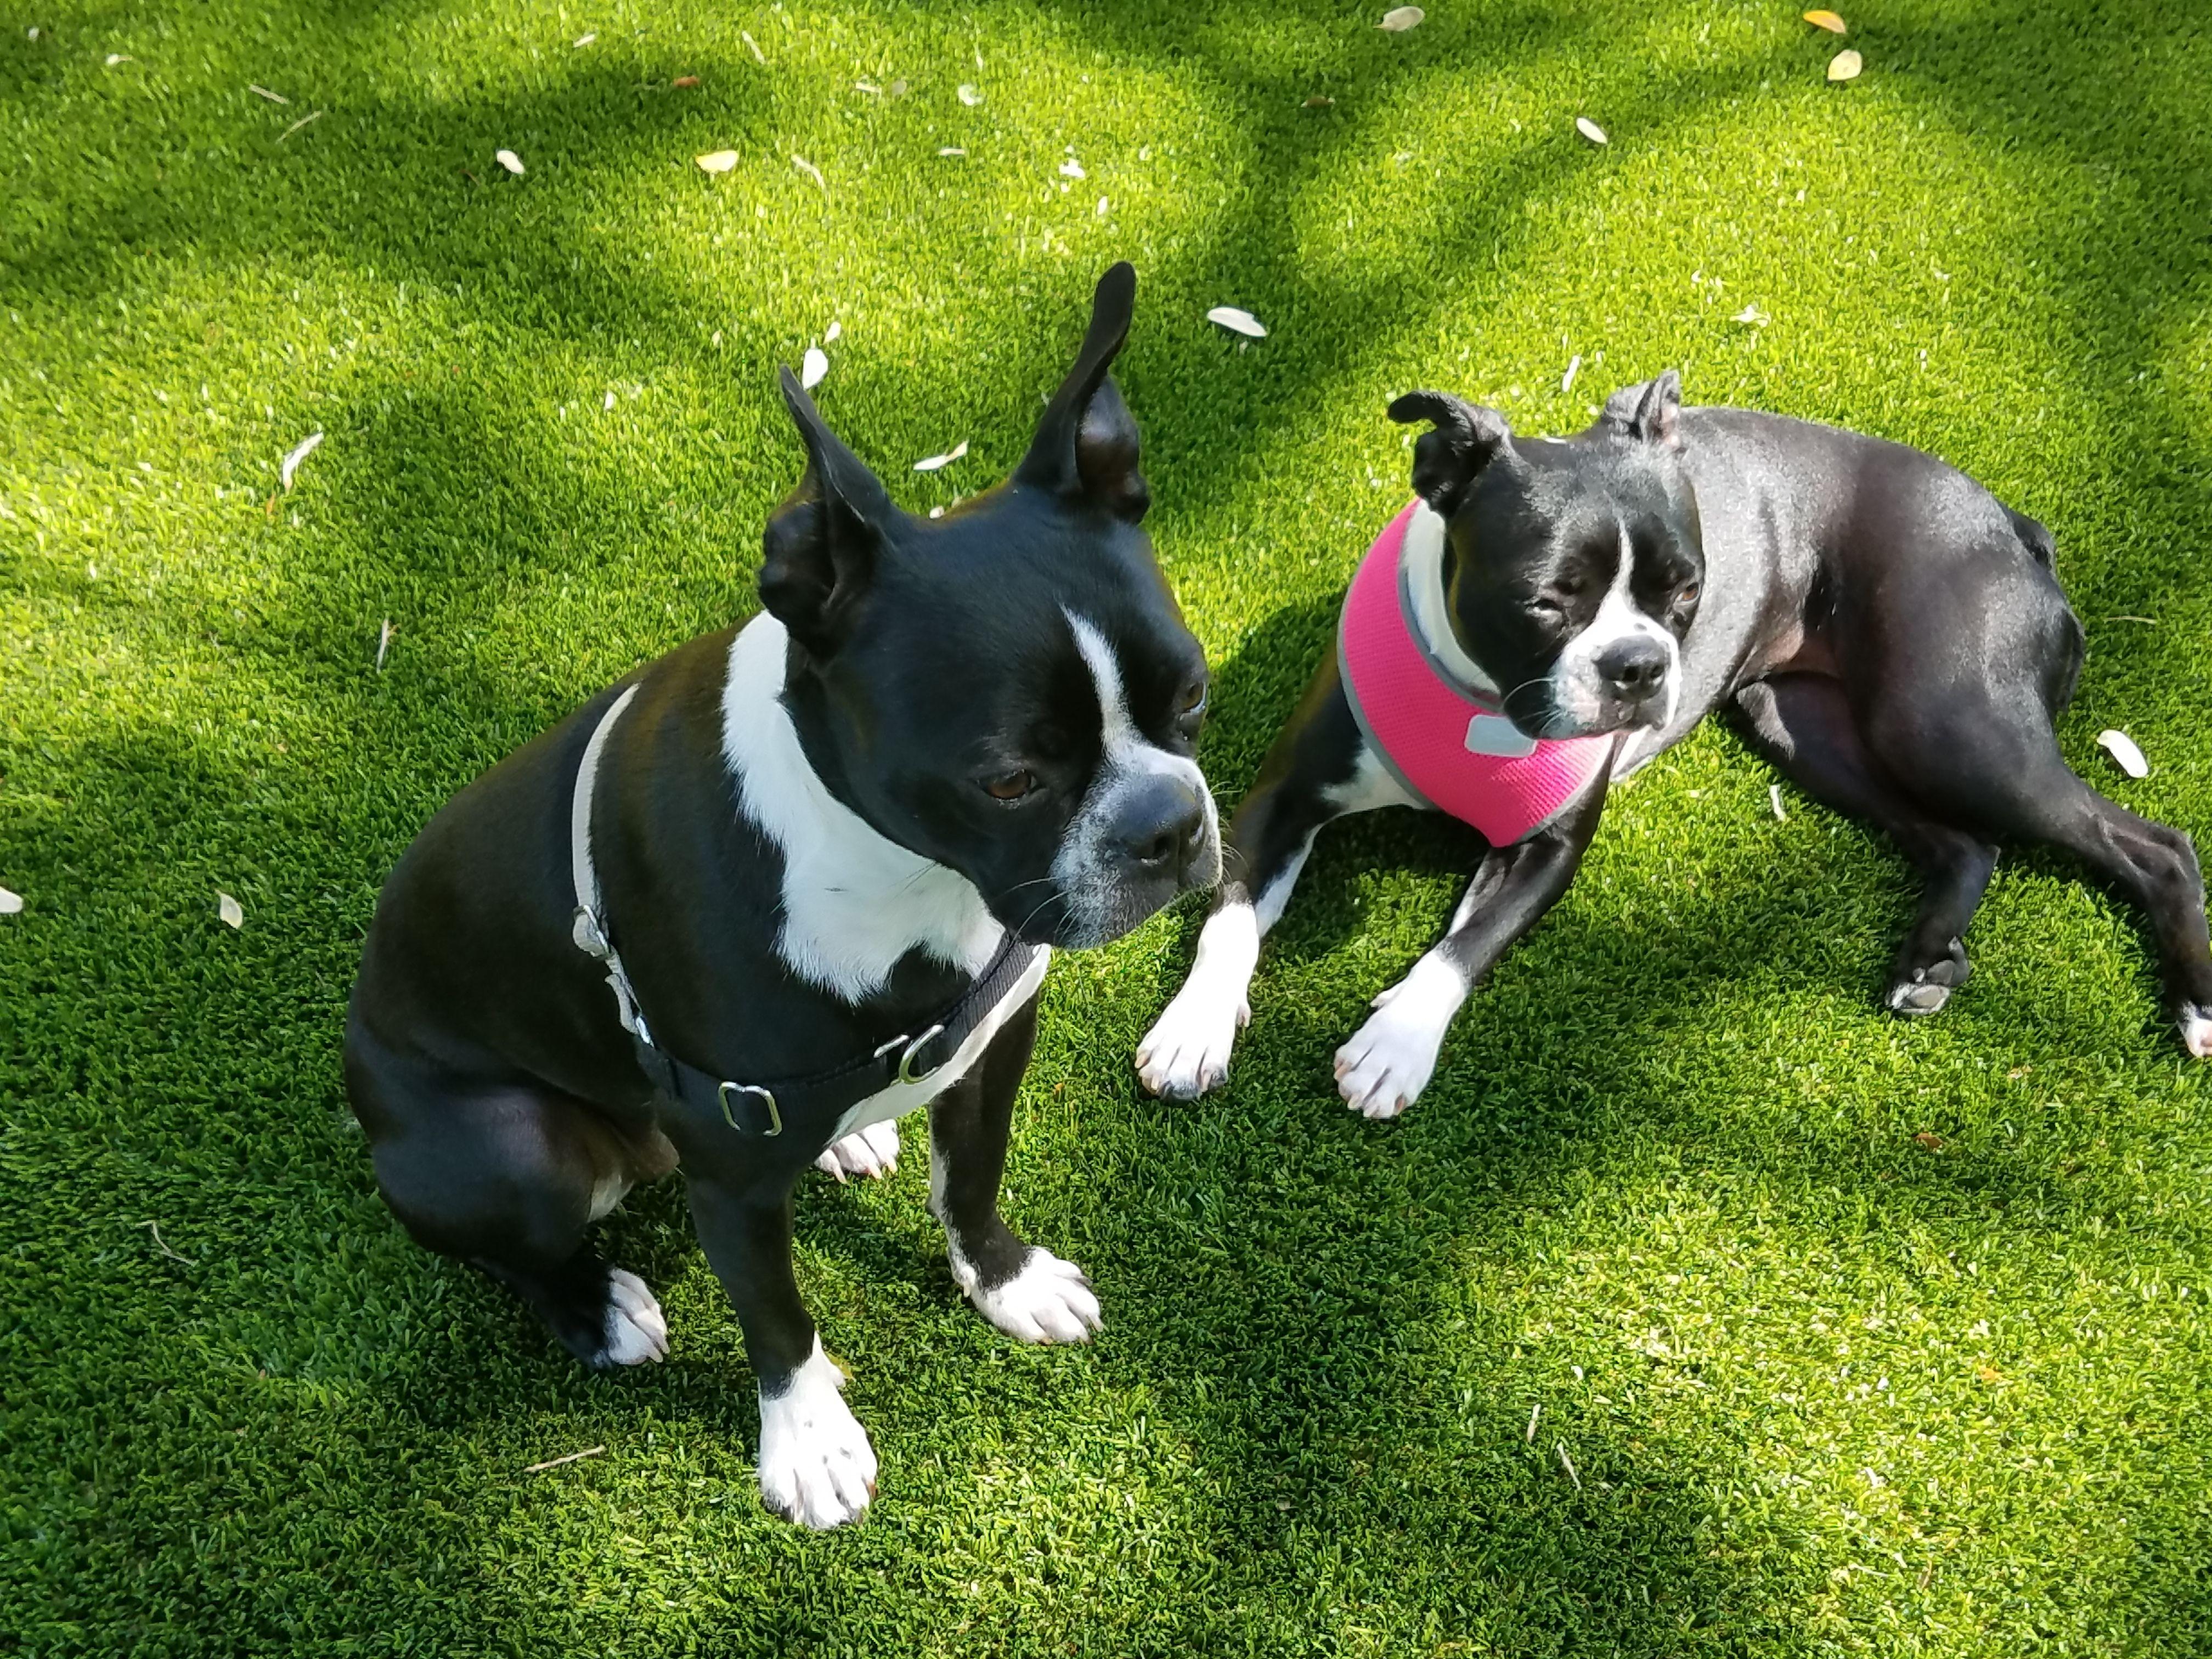 Pinot & Sinoma! Boston Terrier sisters at Barks